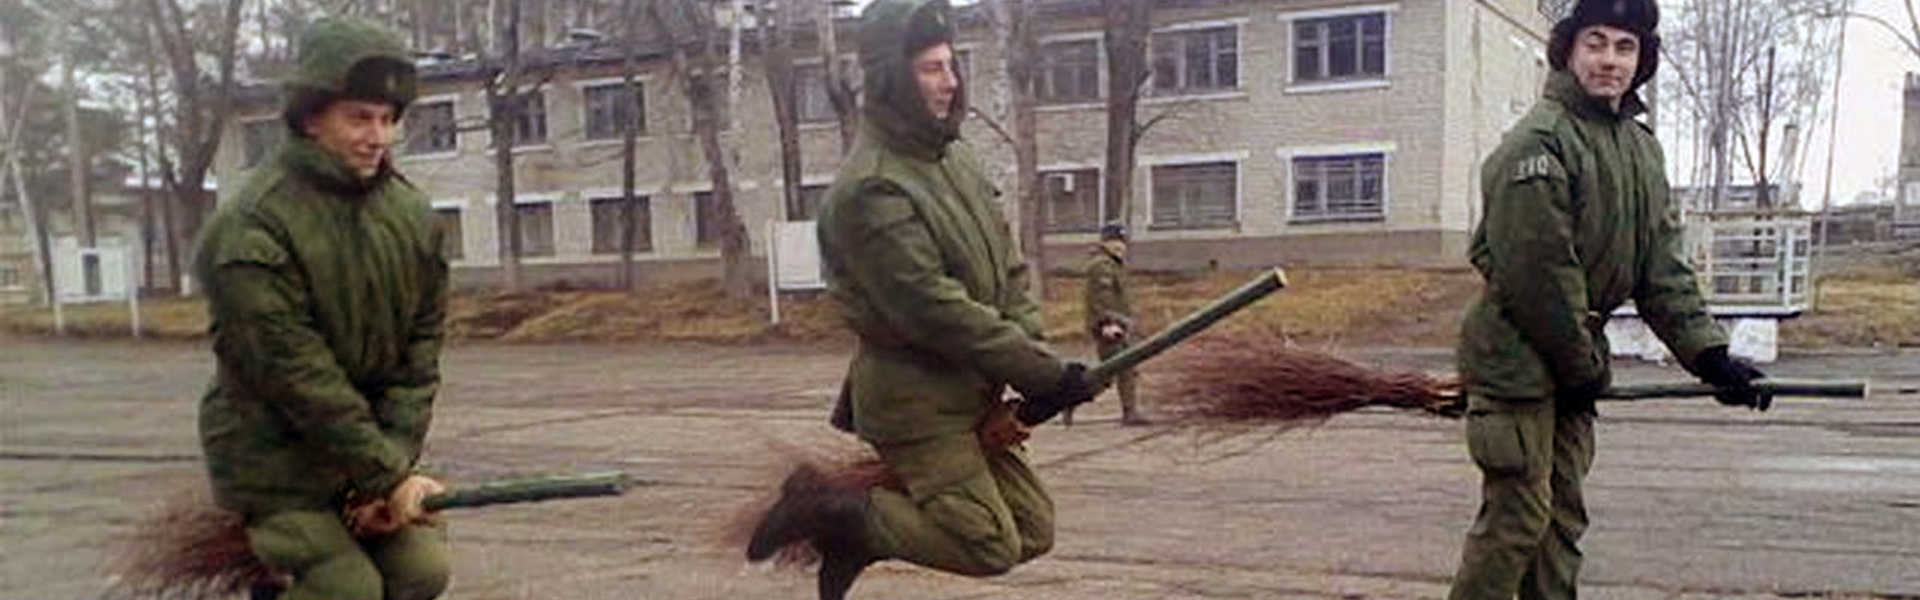 Армия как внутренний агрессор